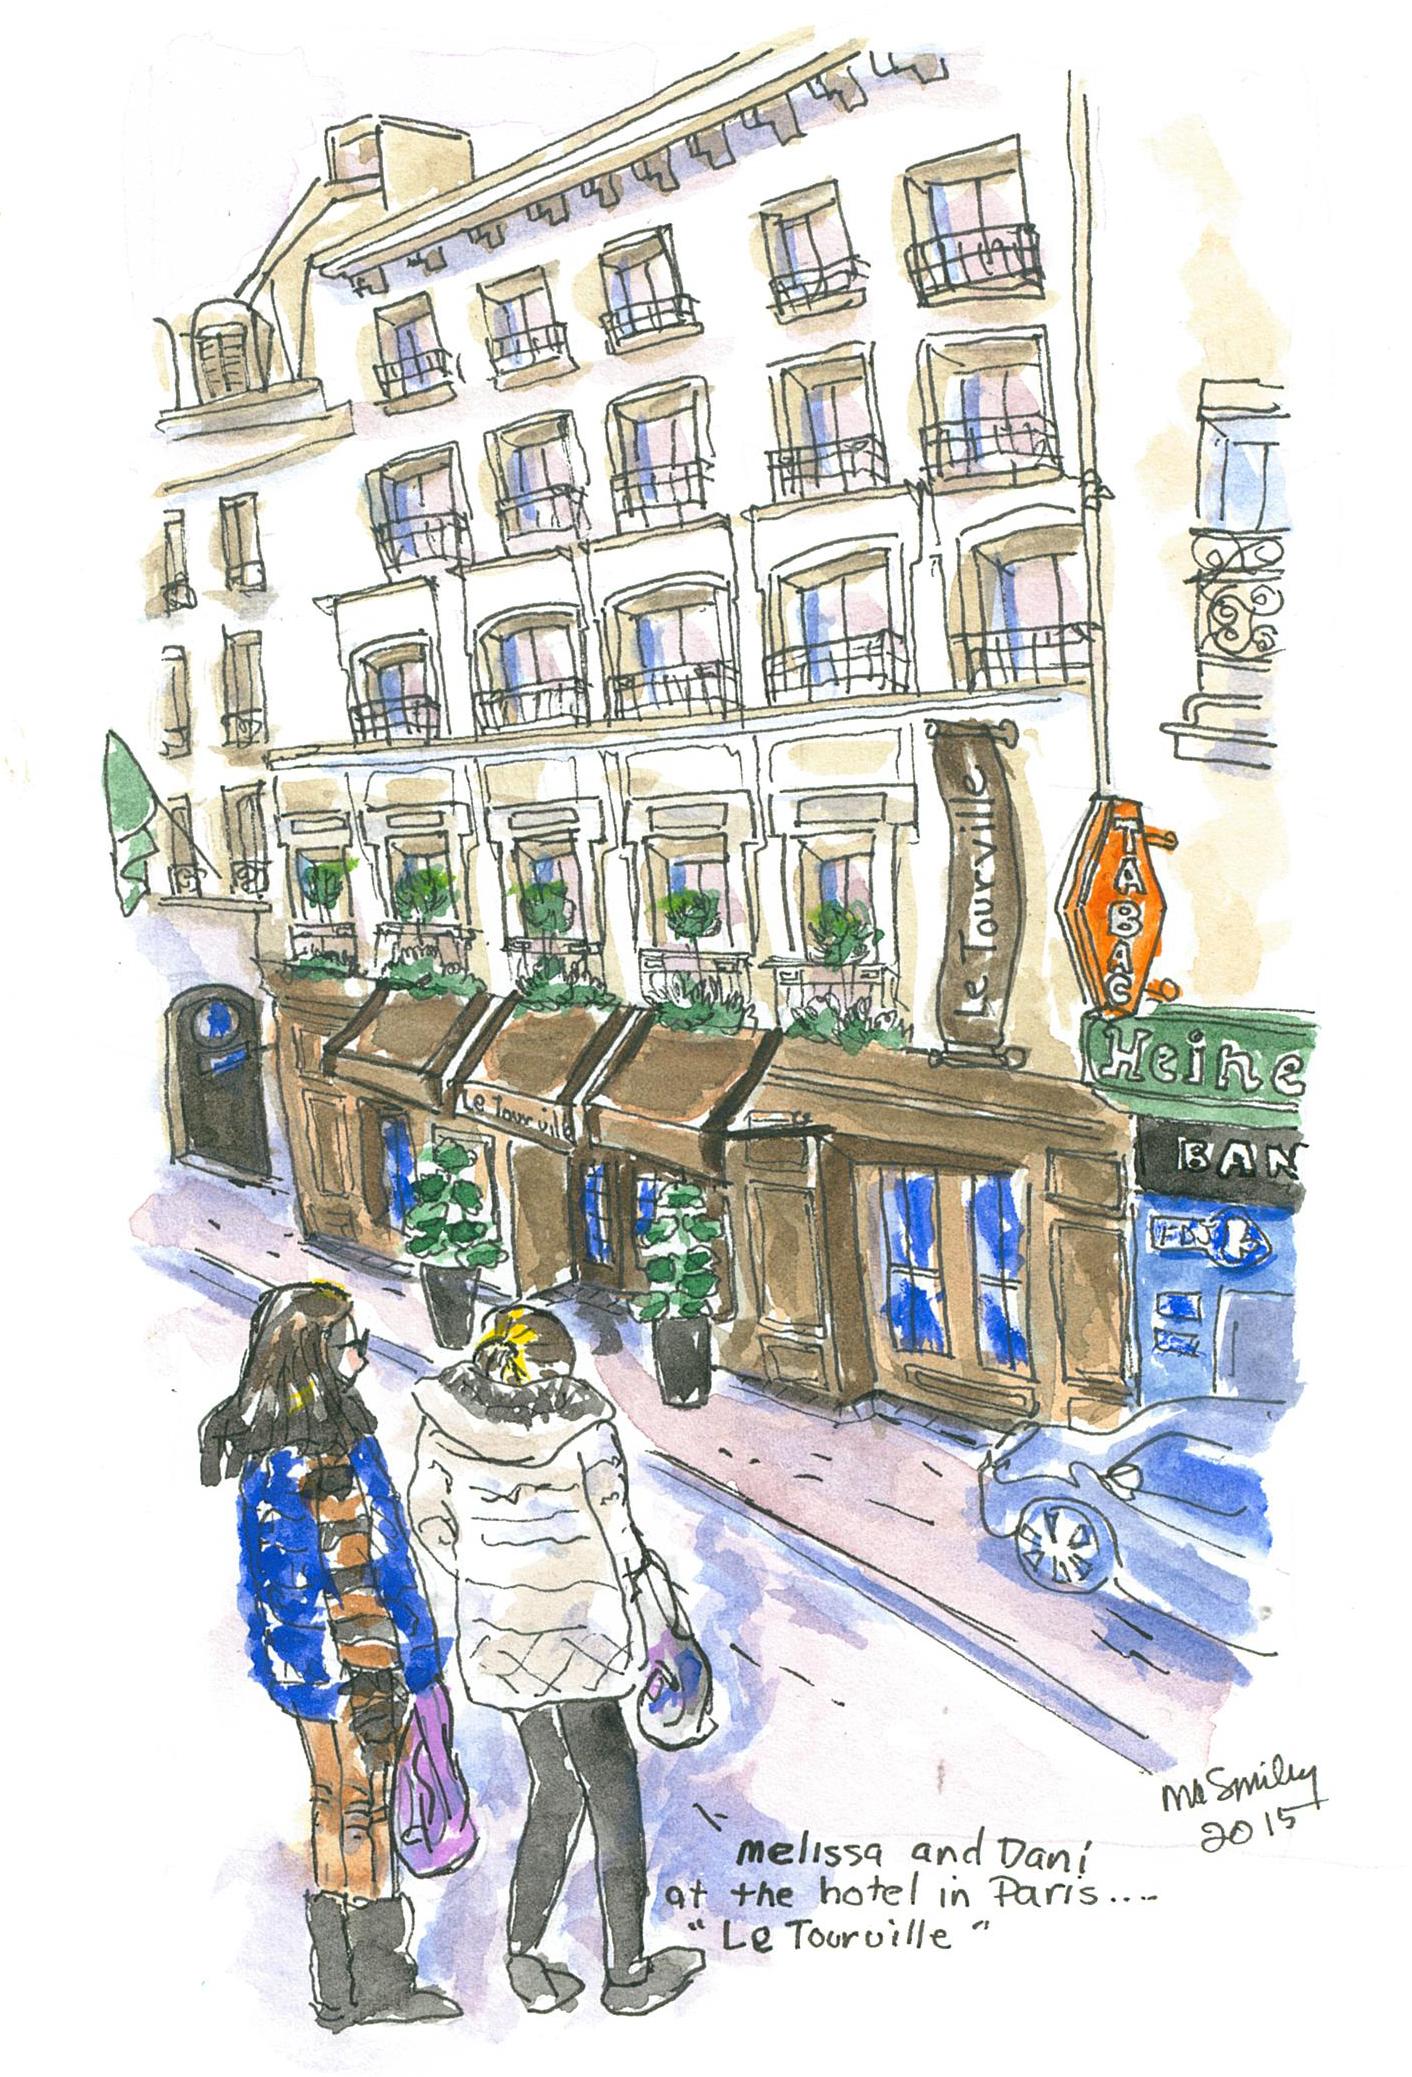 Our cute hotel in Paris